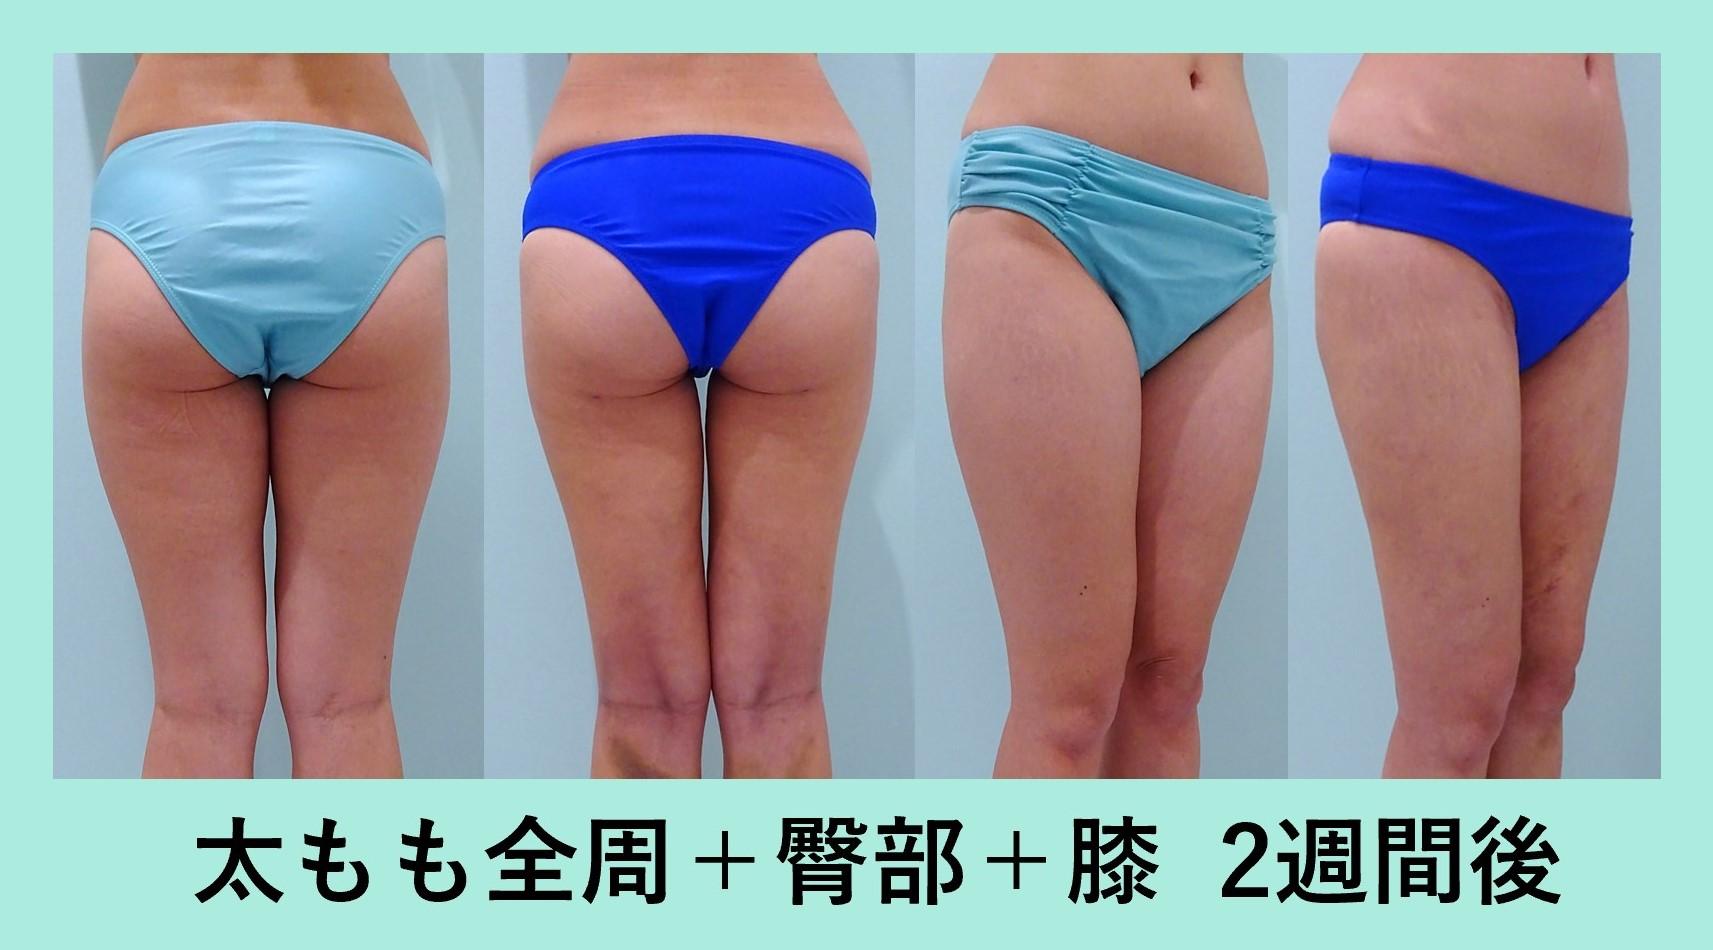 太もも ベイザー脂肪吸引 ダウンタイム